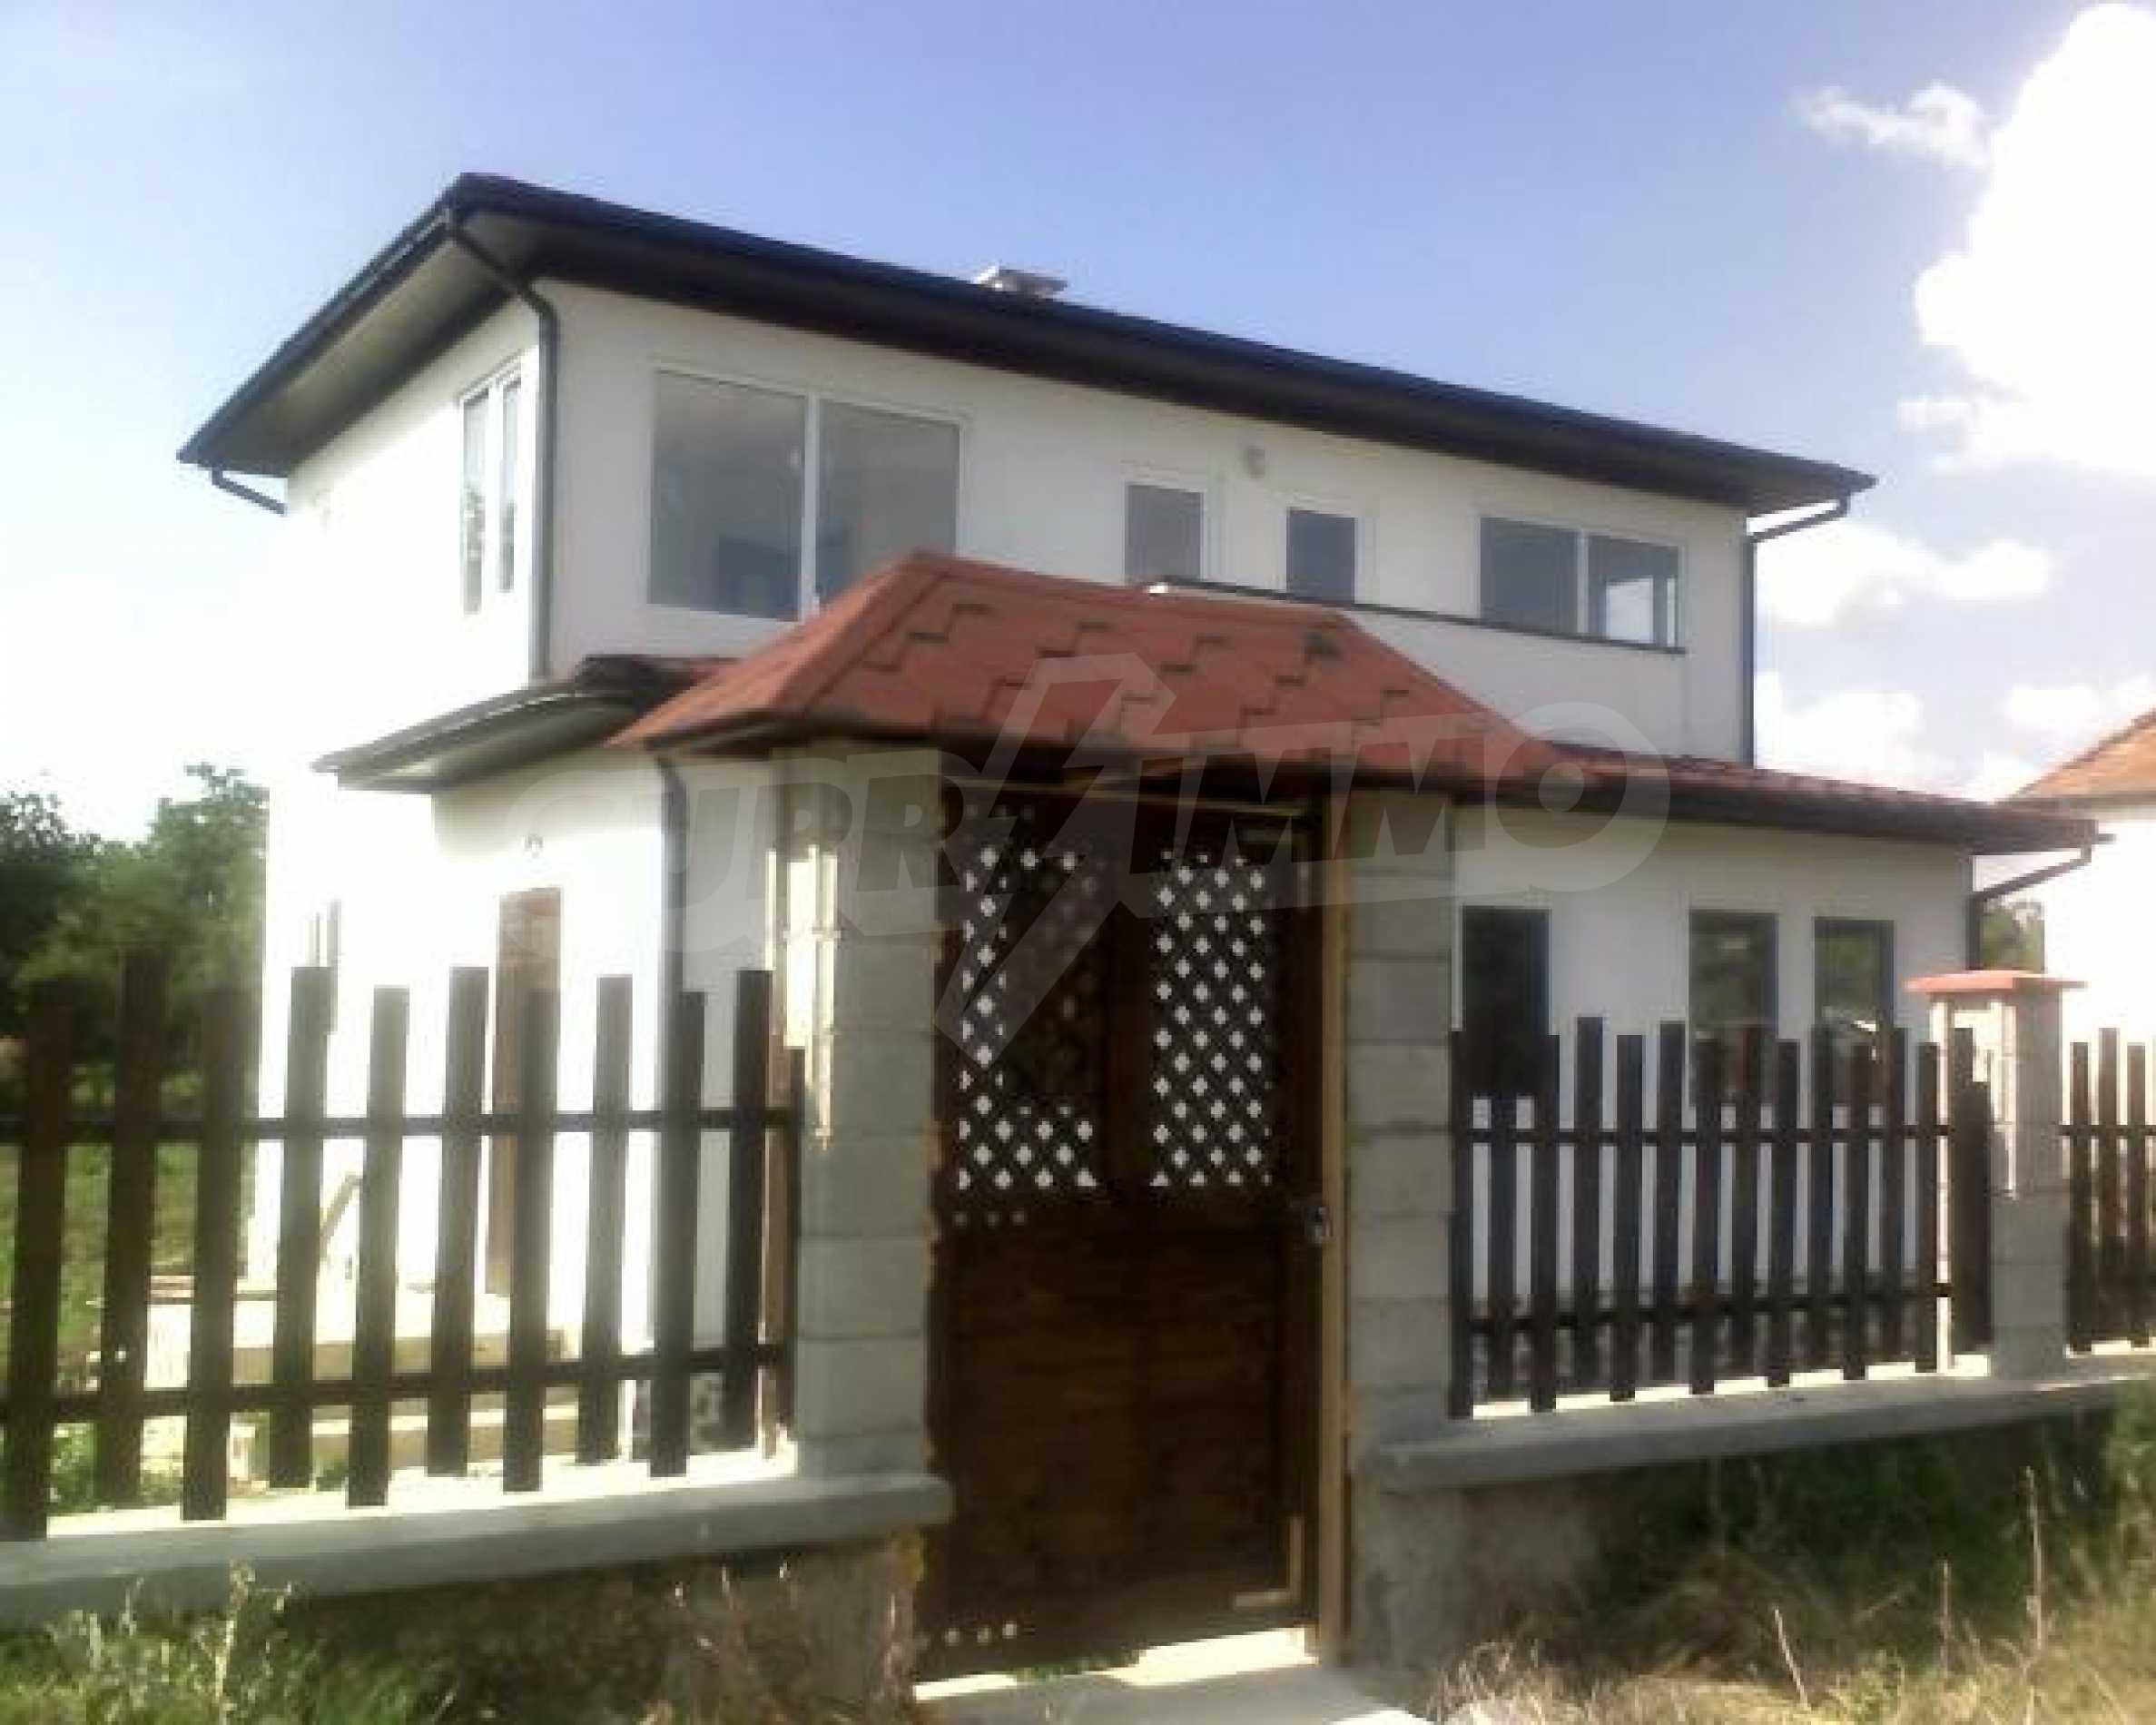 Neues Haus im Dorf Vetrino